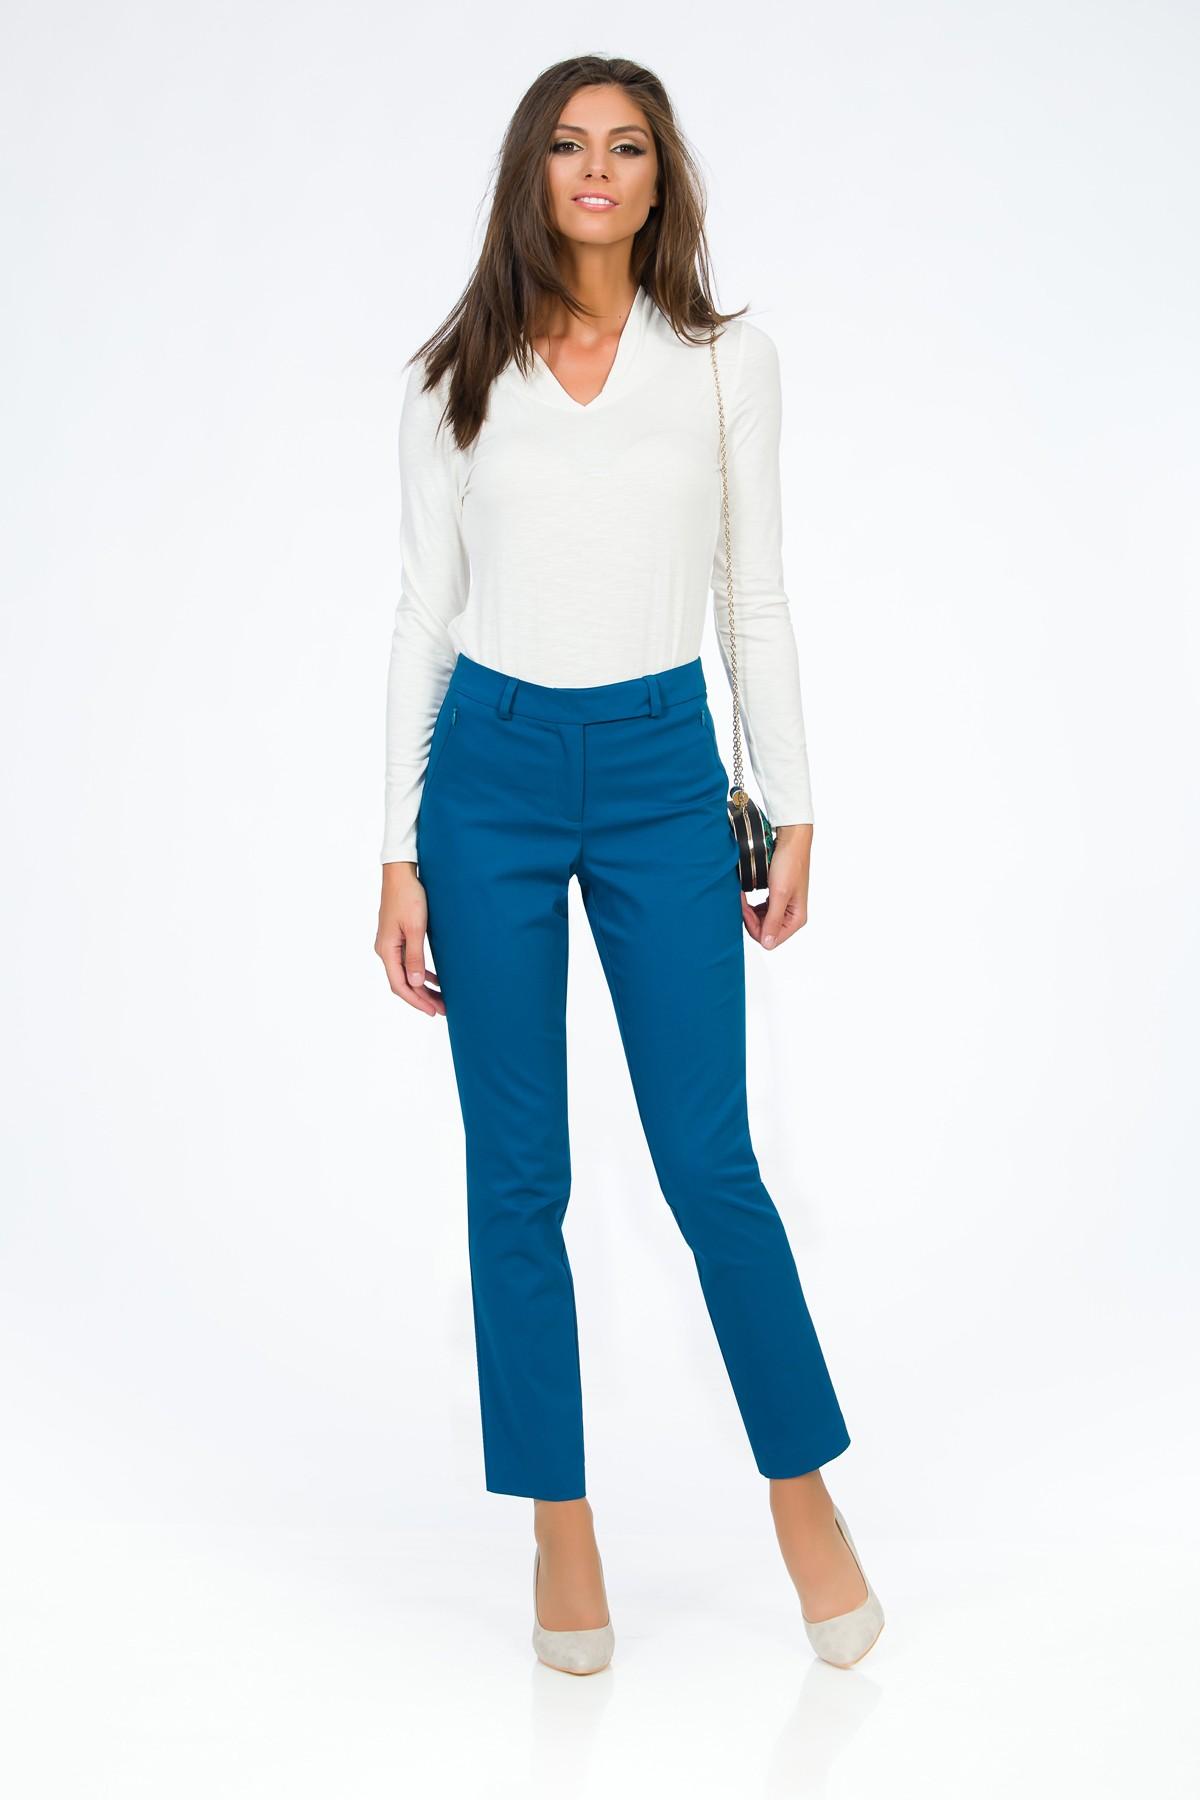 pantaloni-crop-sense